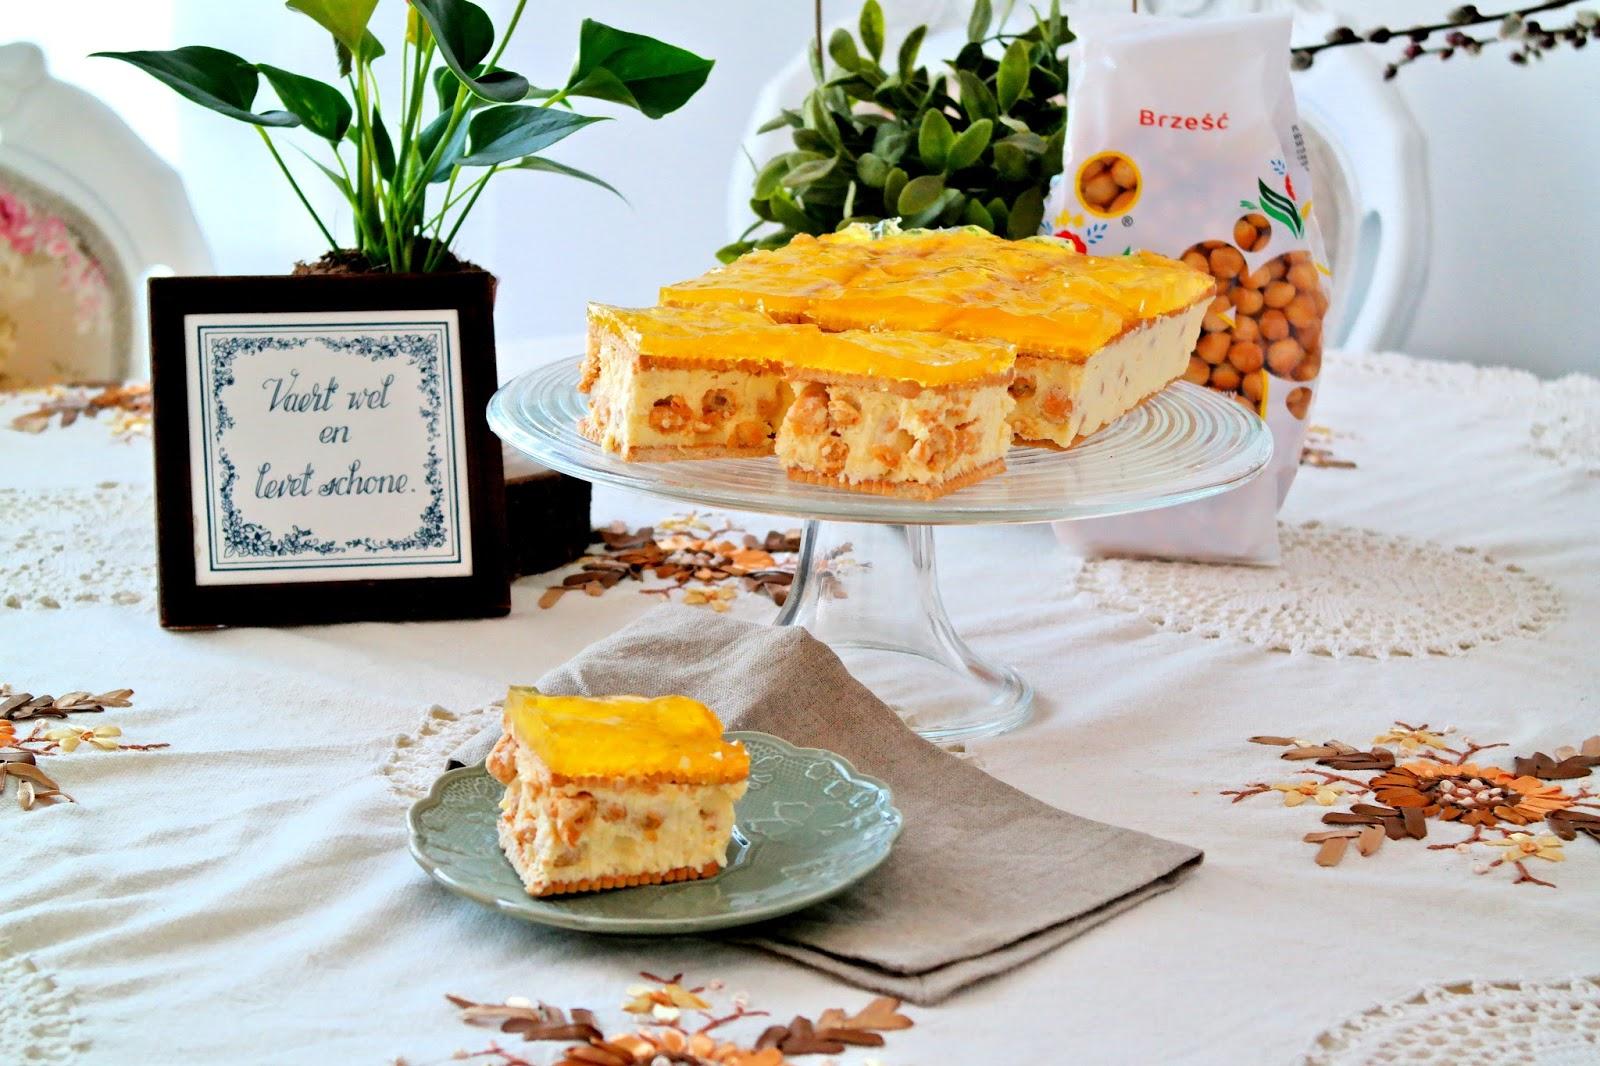 ciasto z groszkiem ptysiowym